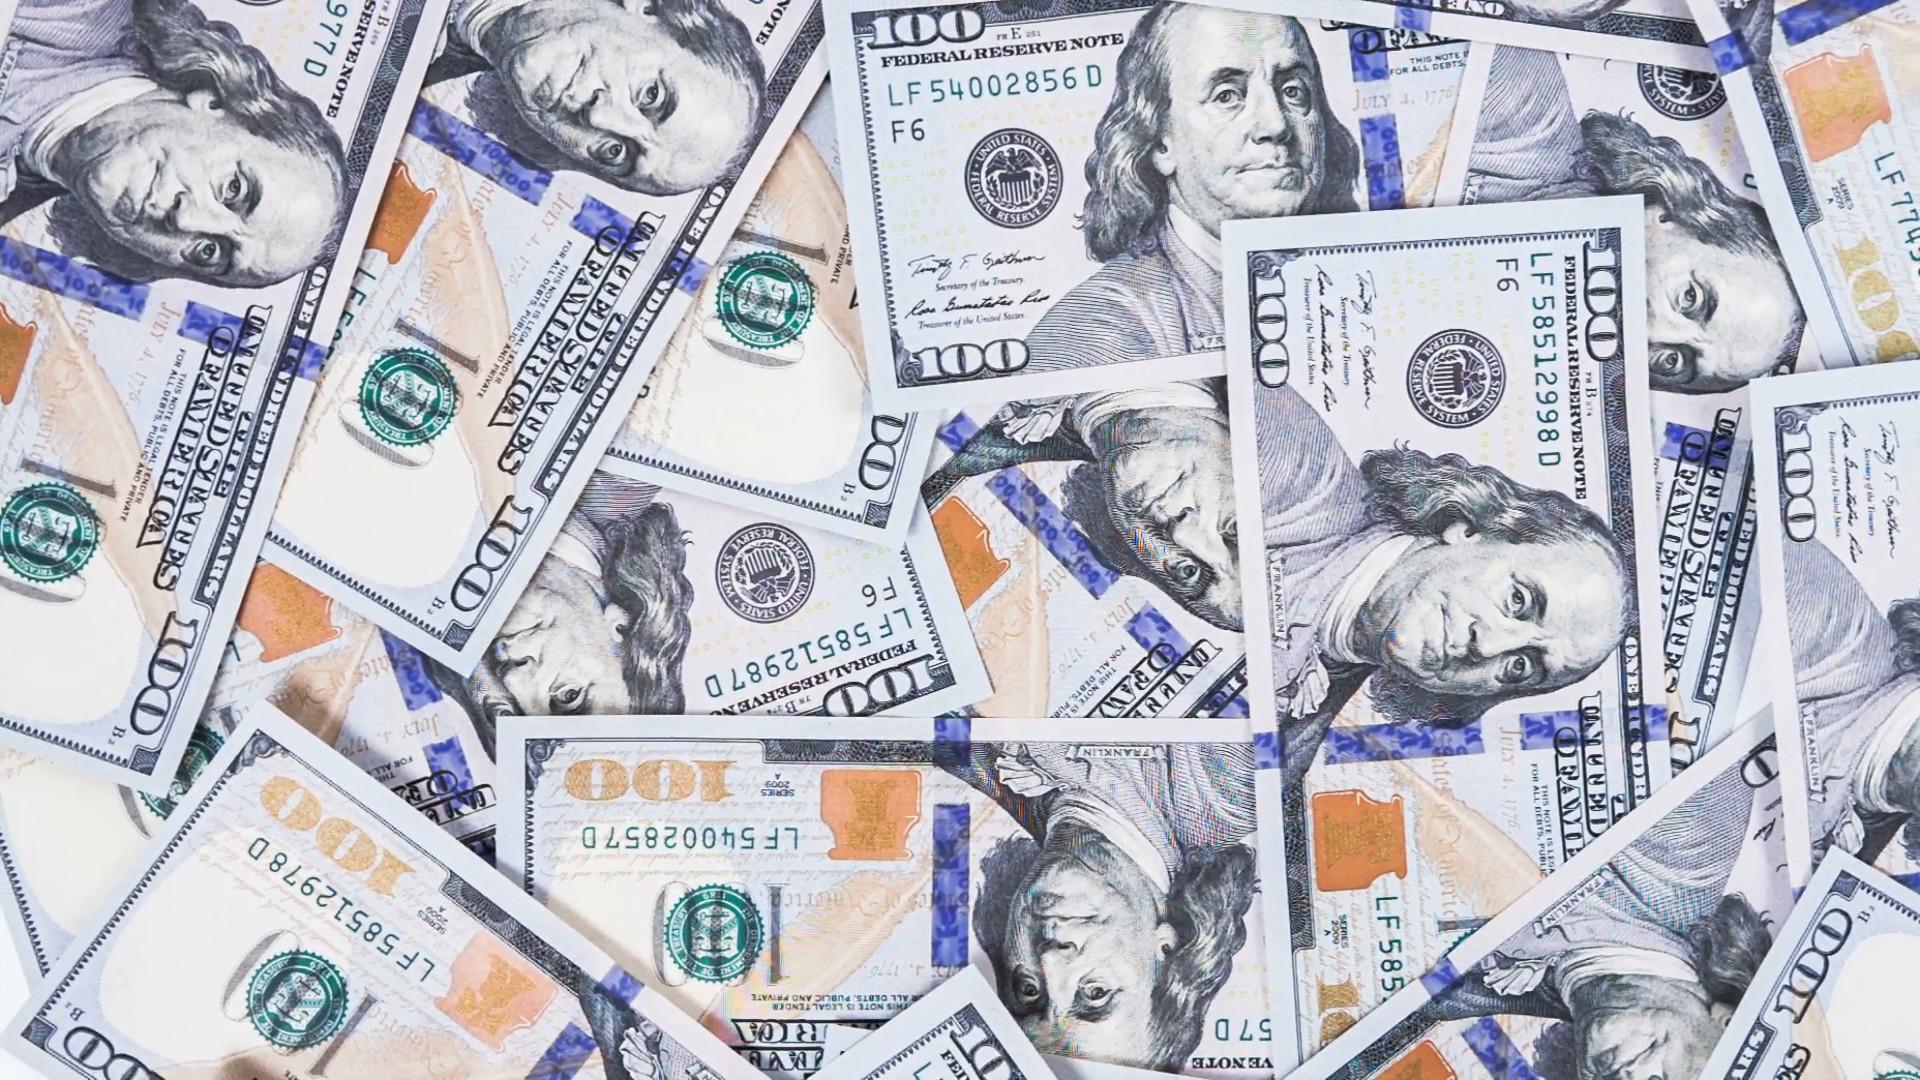 100 Dollar Bill Wallpaper 58 Images